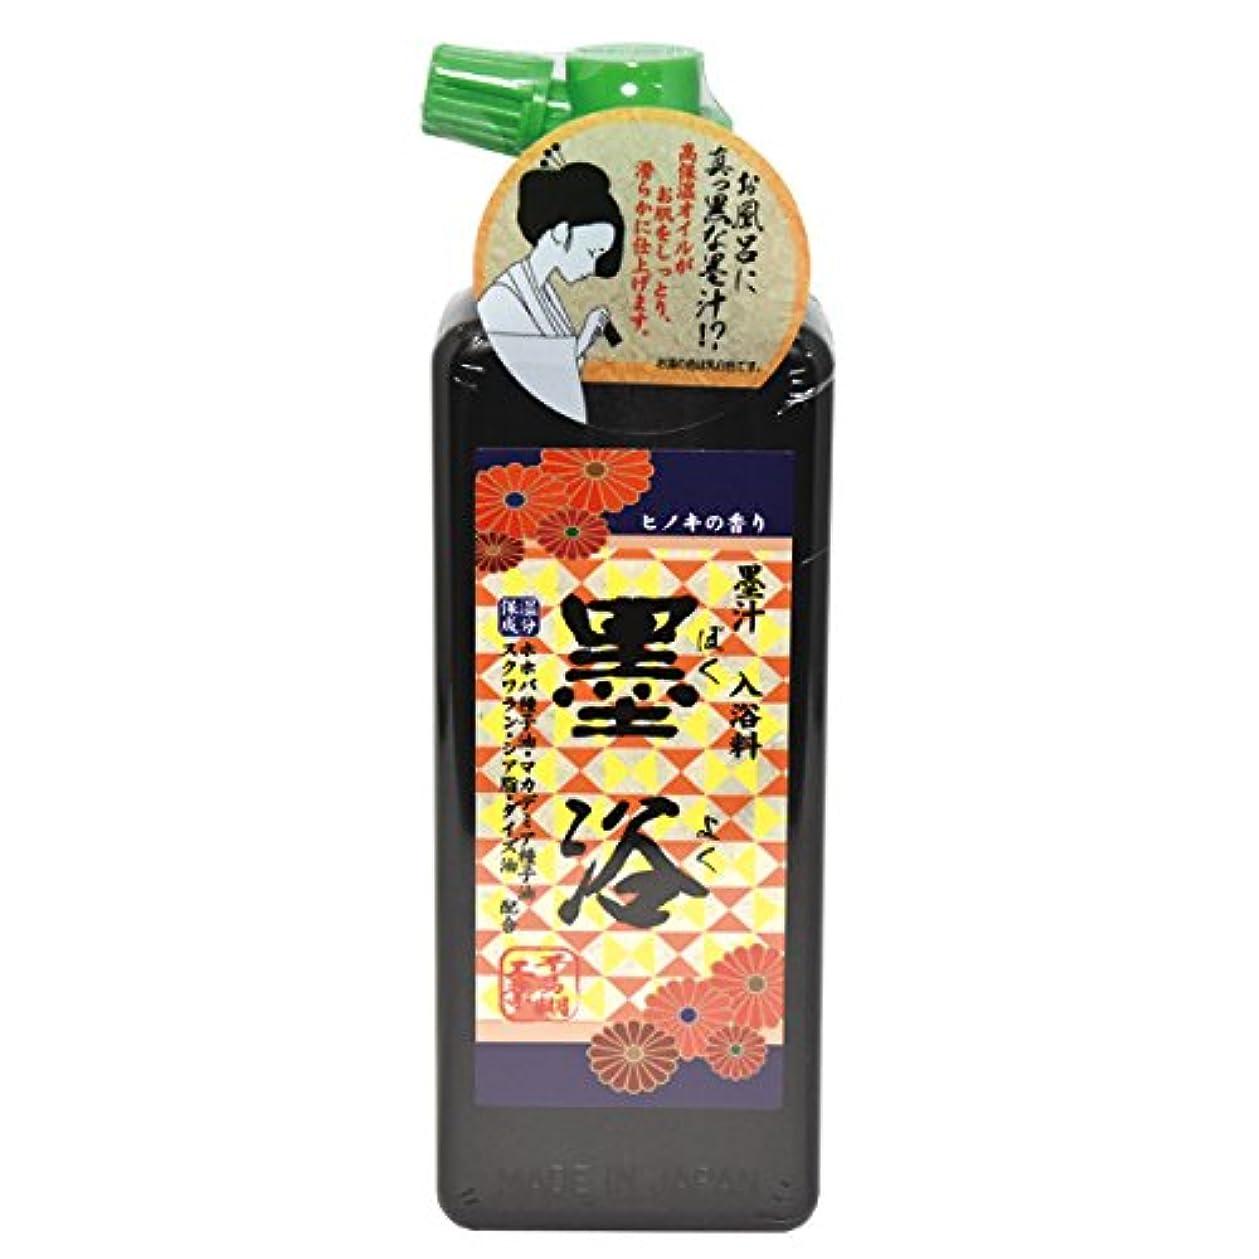 群がる症候群プロトタイプ墨浴 ぼくよく 入浴料 ヒノキの香り 不易糊工業 BY20